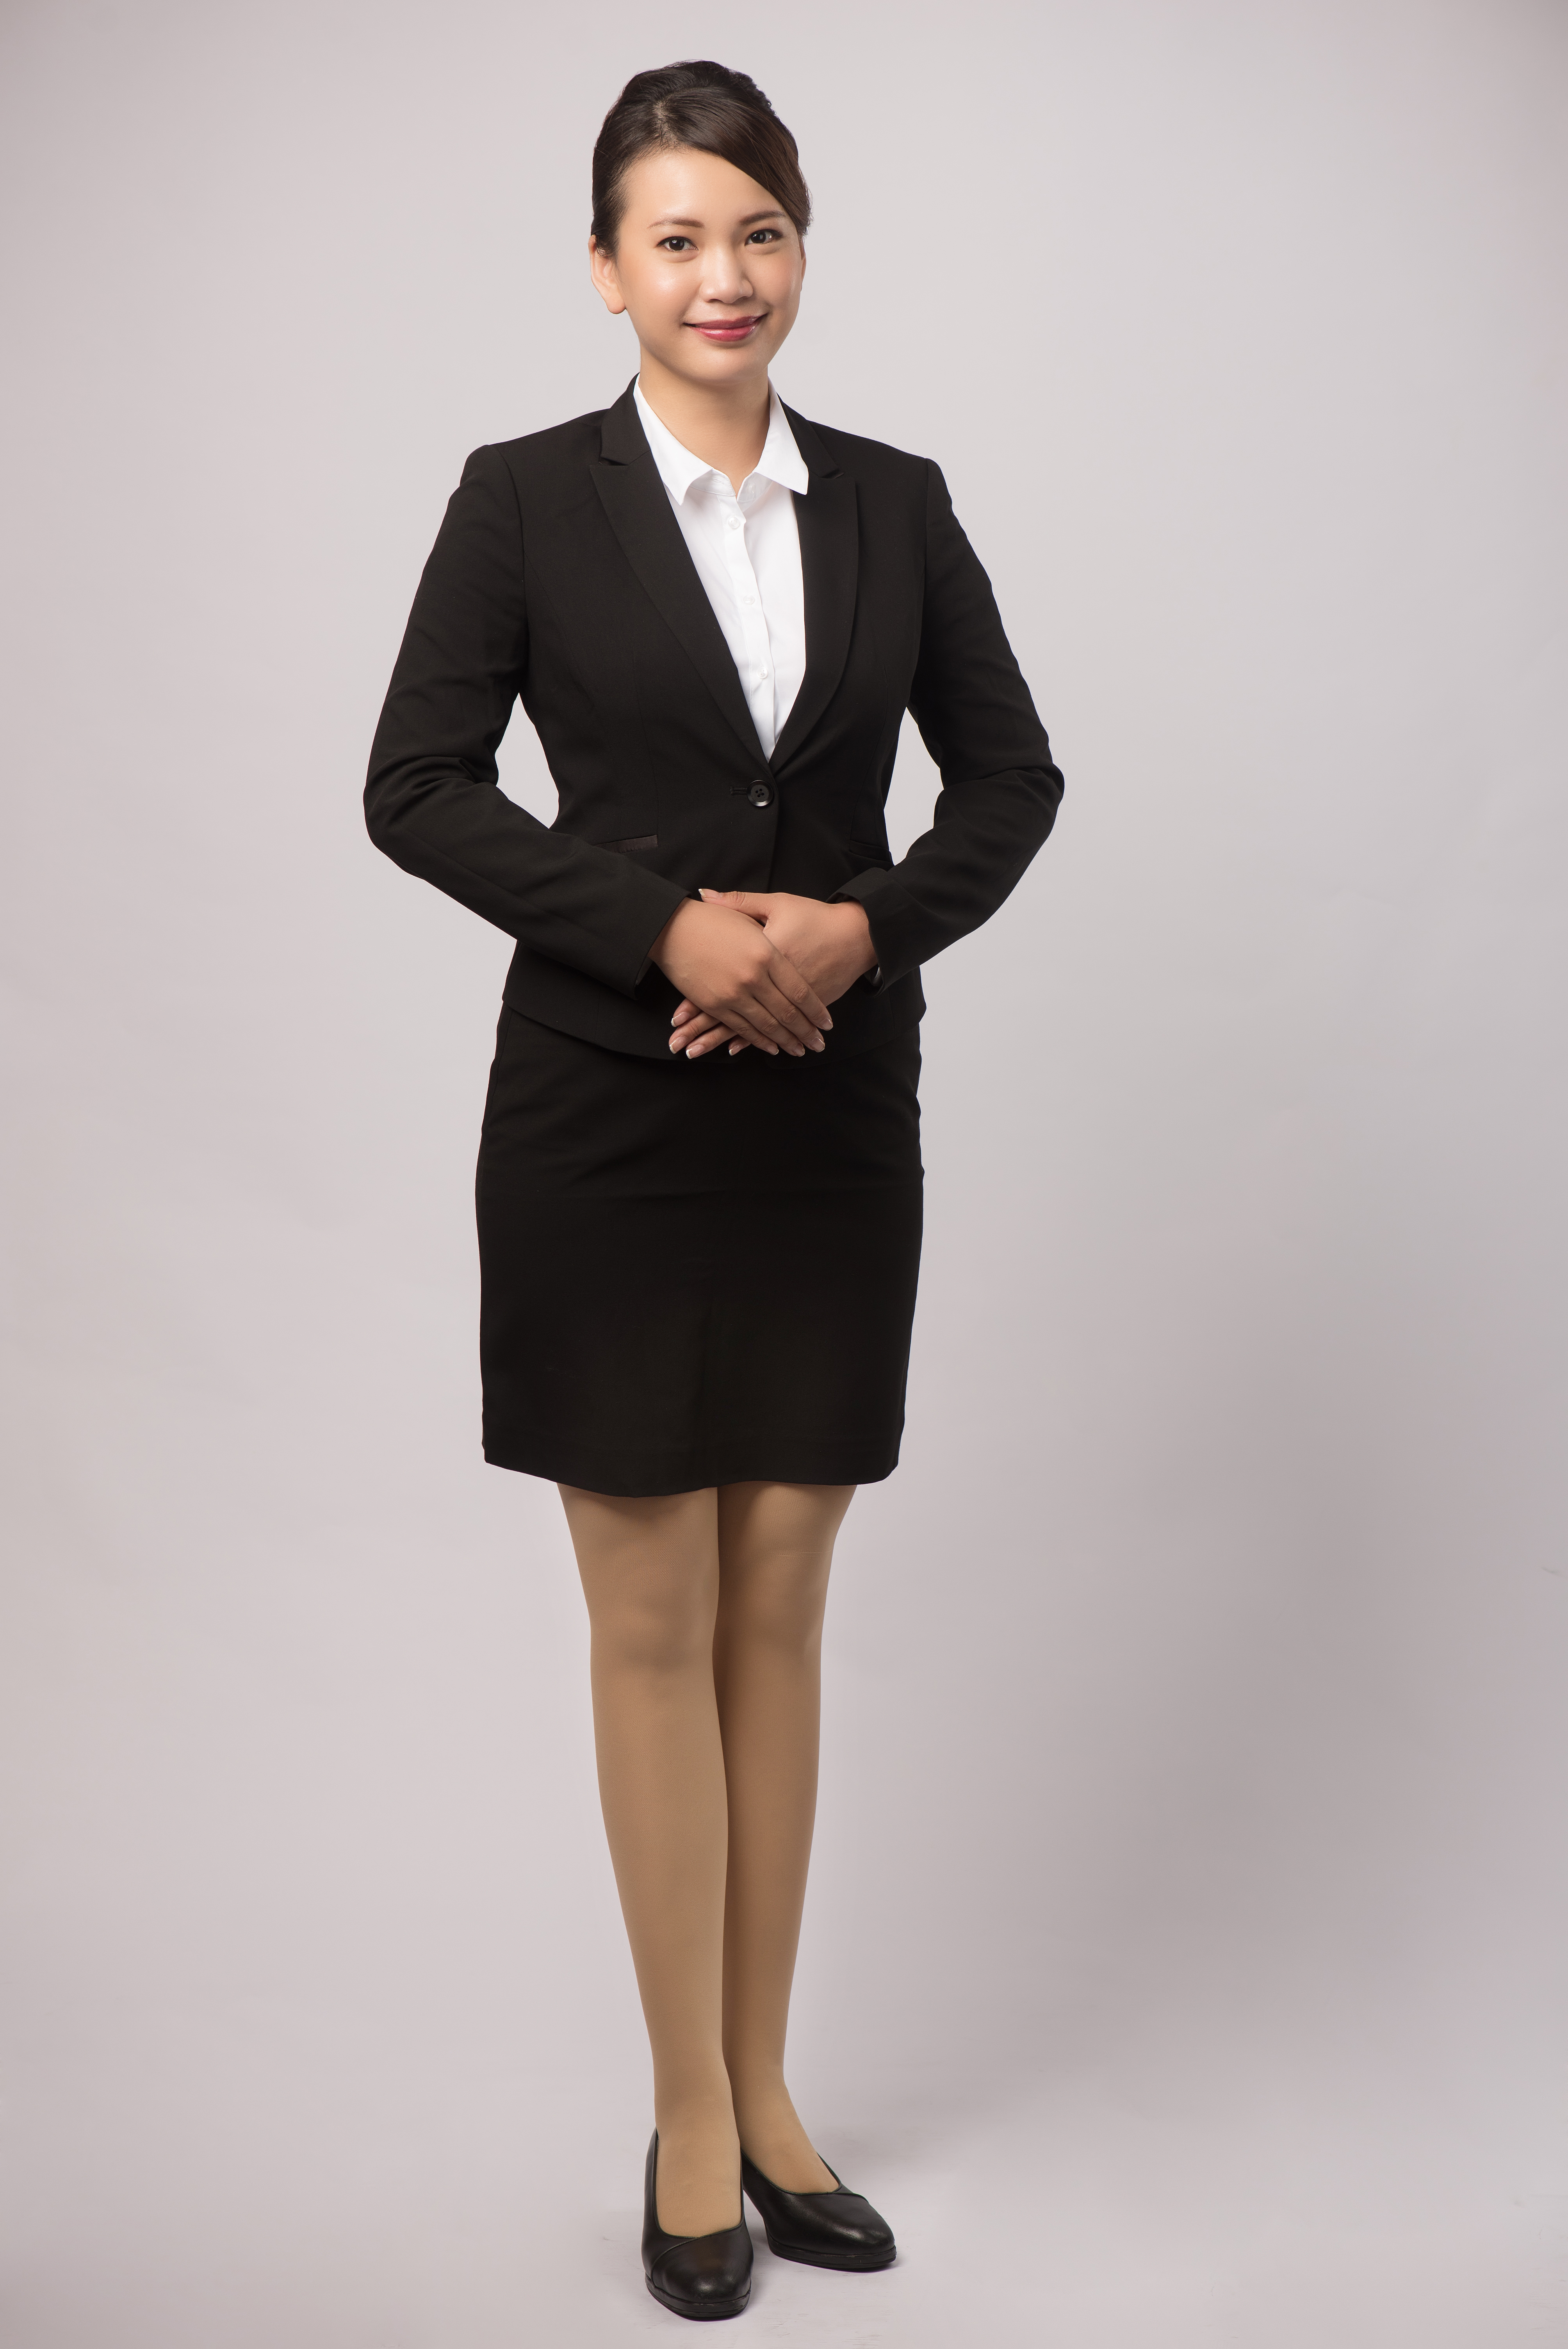 台中空服員求職照、履歷照推薦